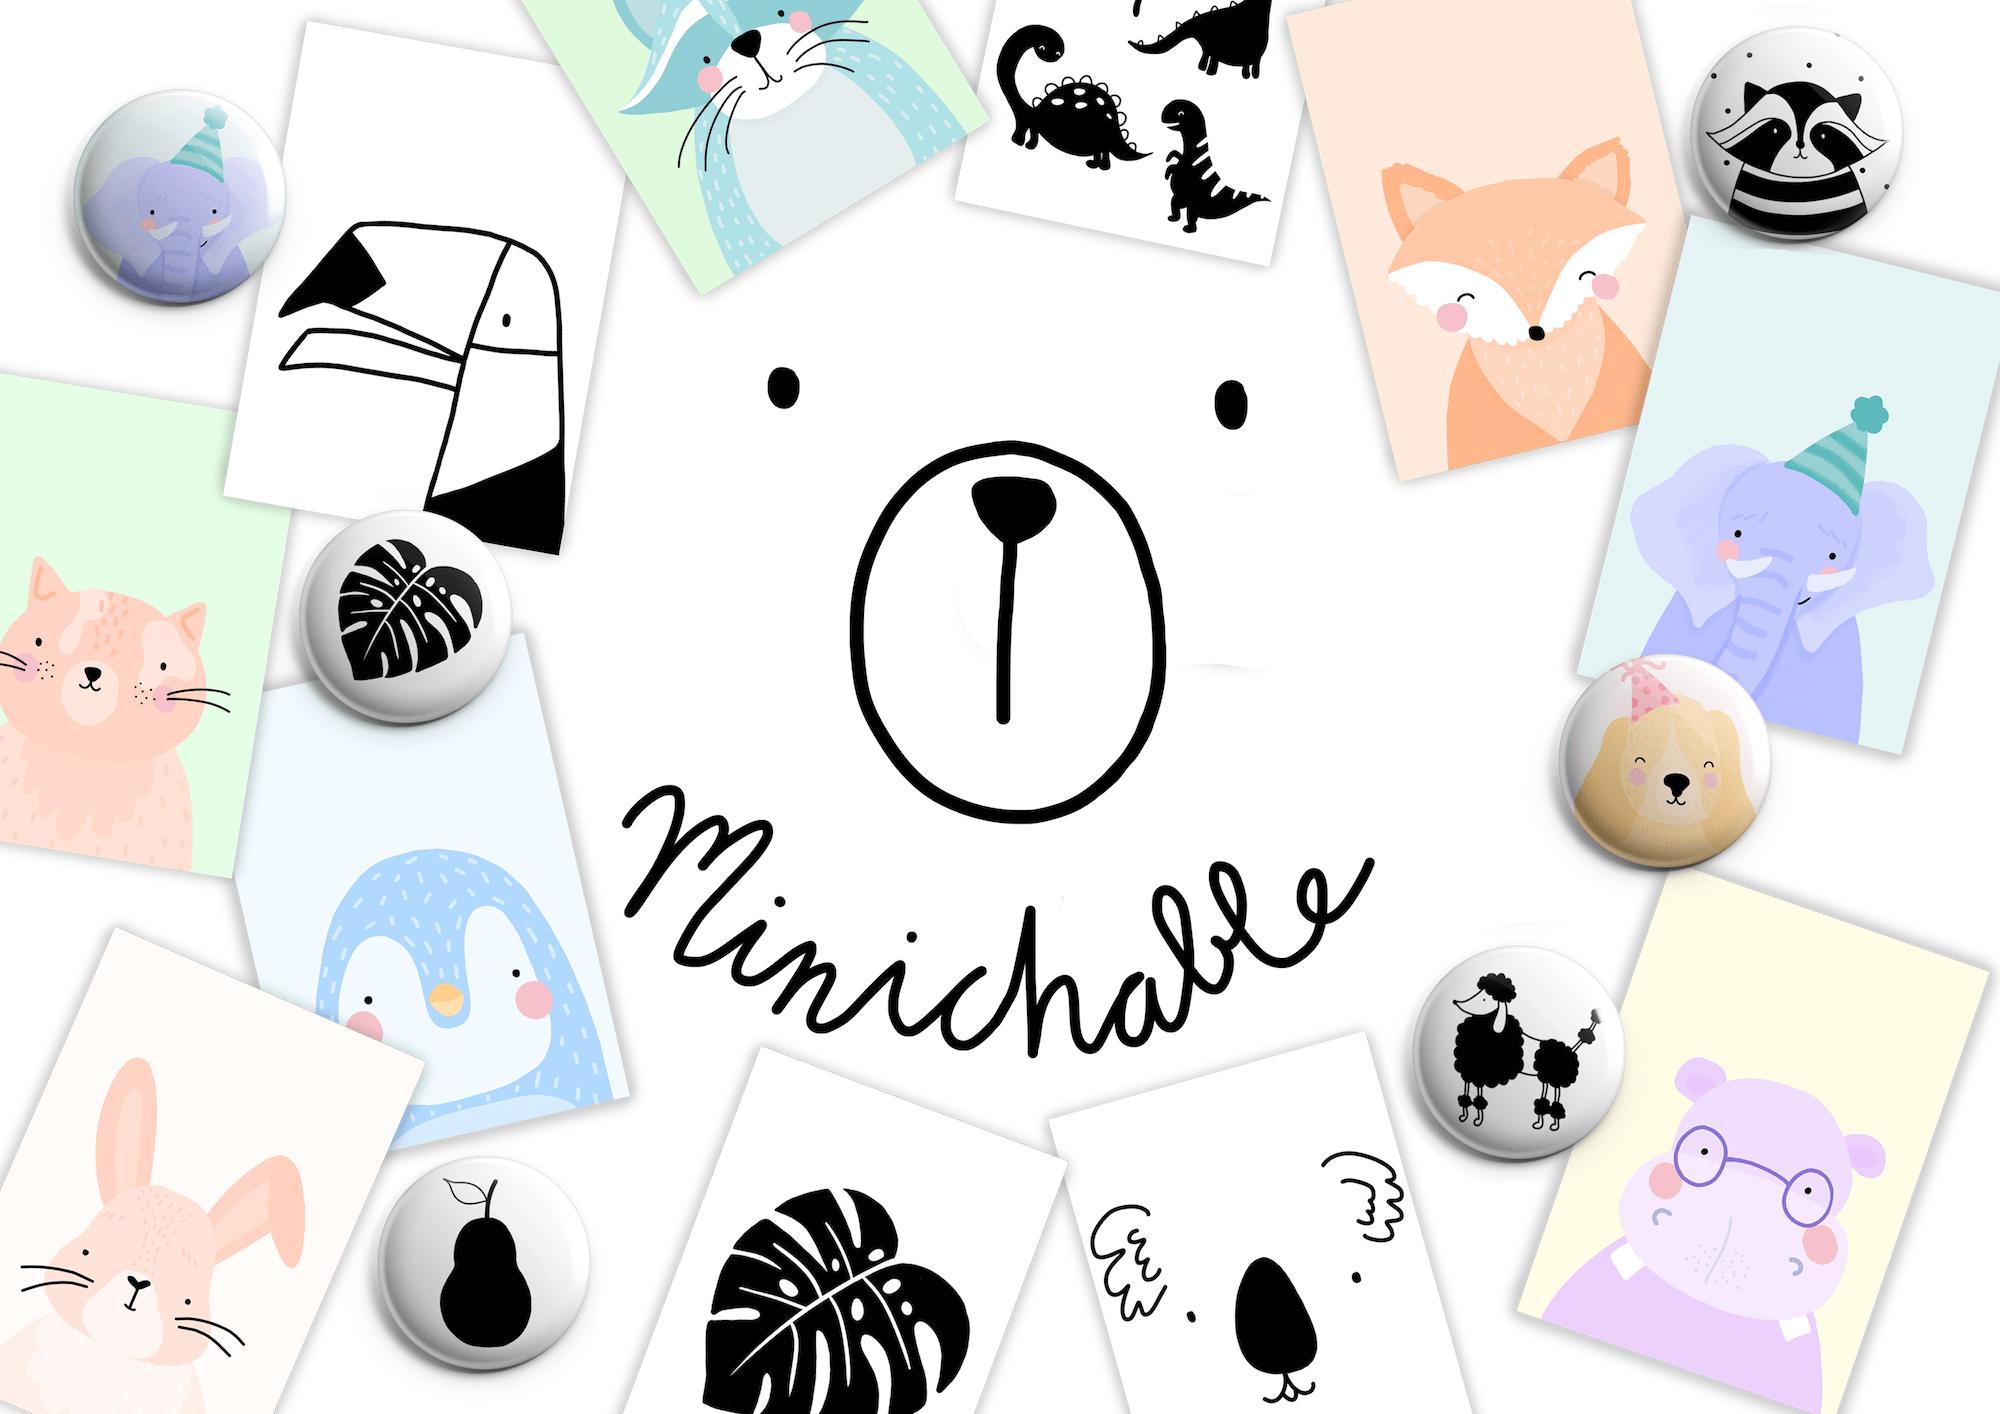 minichable